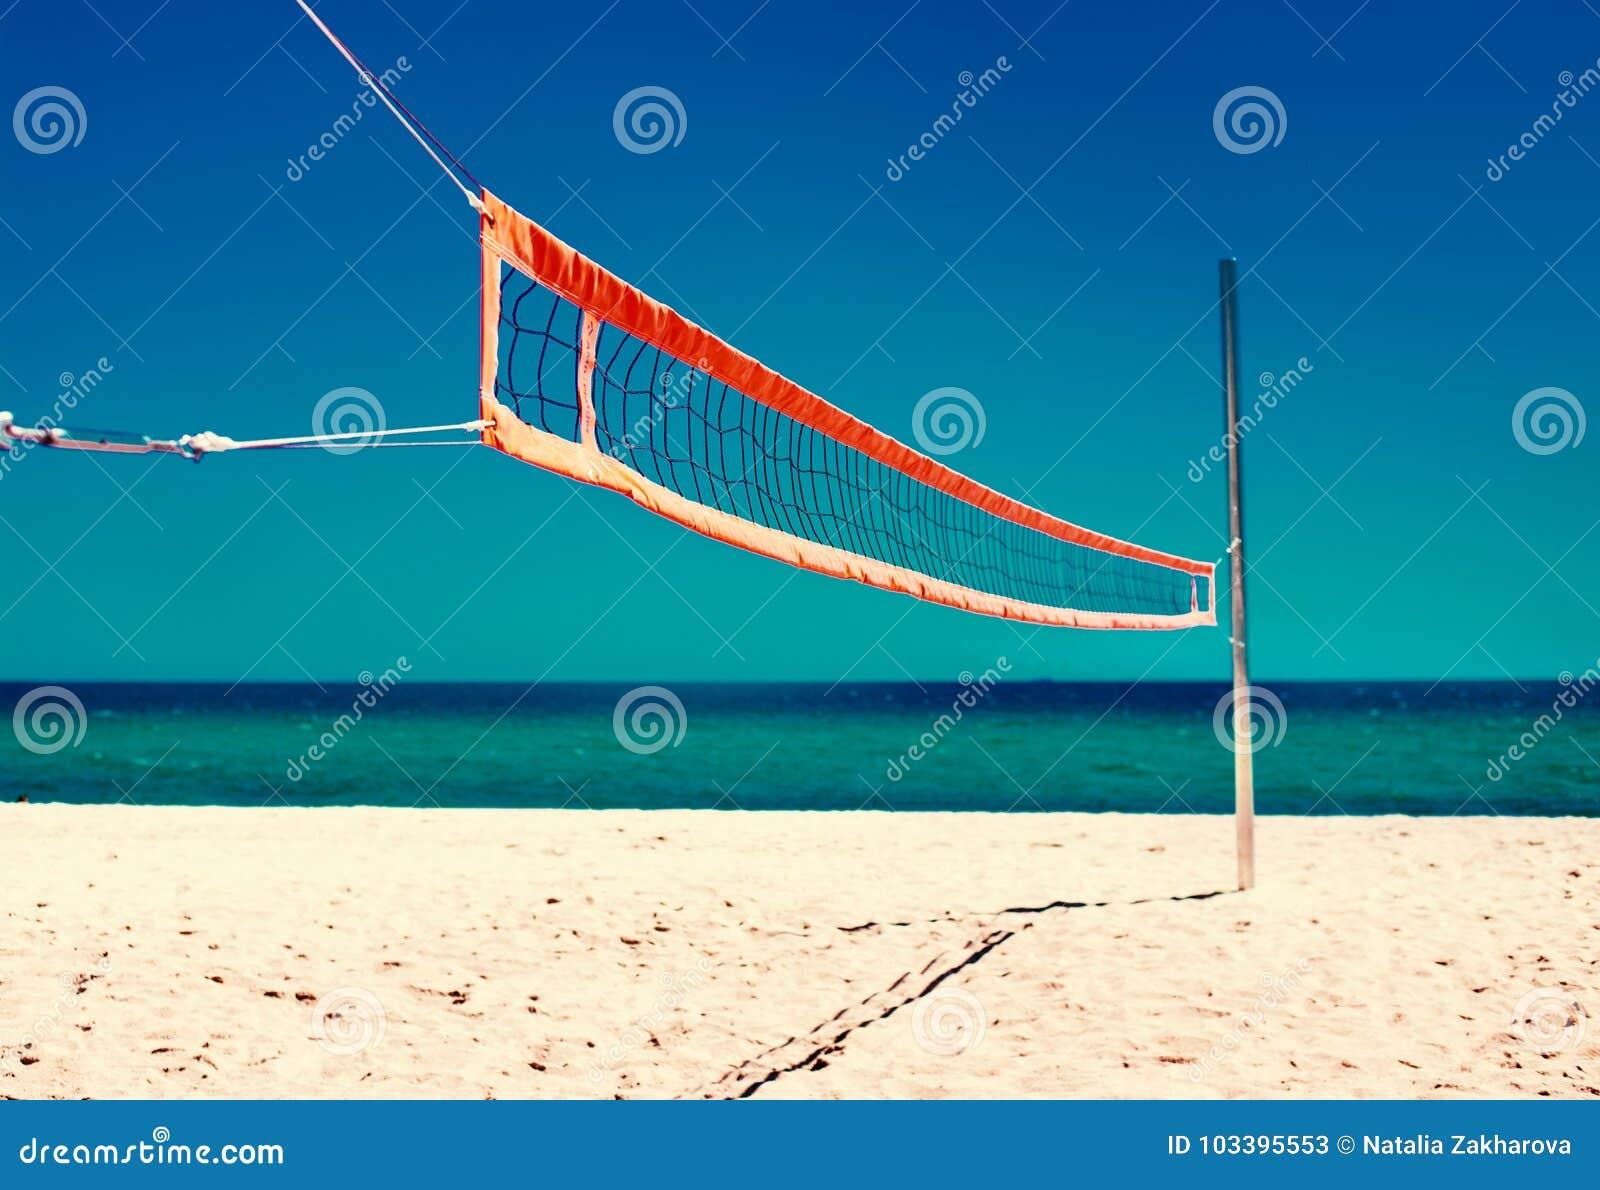 Concetto di vita della spiaggia di estate - rete di pallavolo e spiaggia vuota Sea